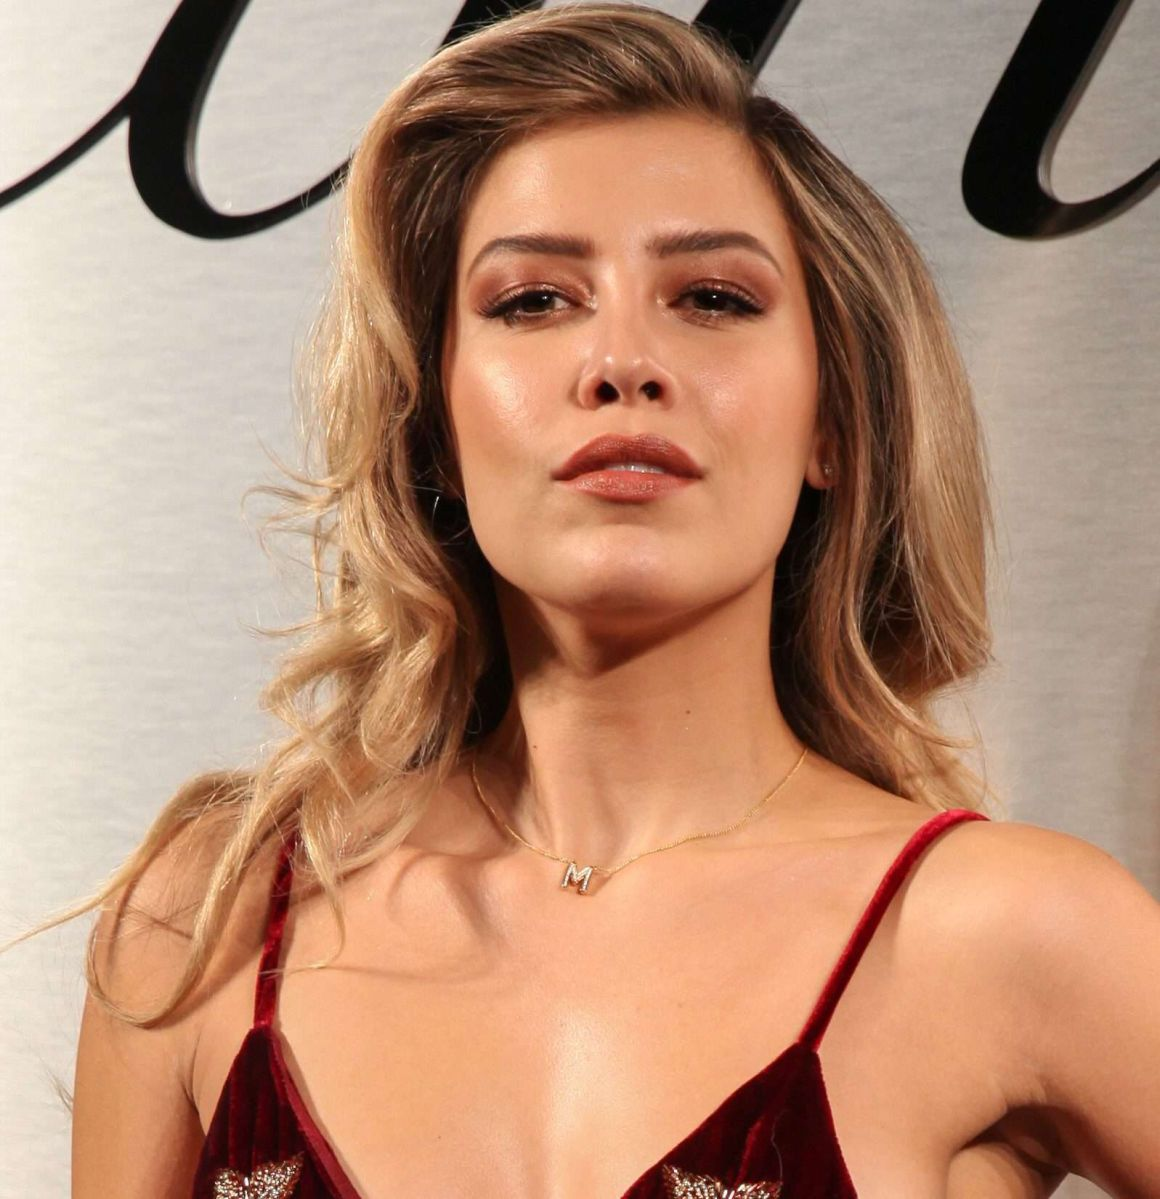 Michelle Salas, la hija de Luis Miguel, responde luego de los brutales señalamientos de Frida Sofía